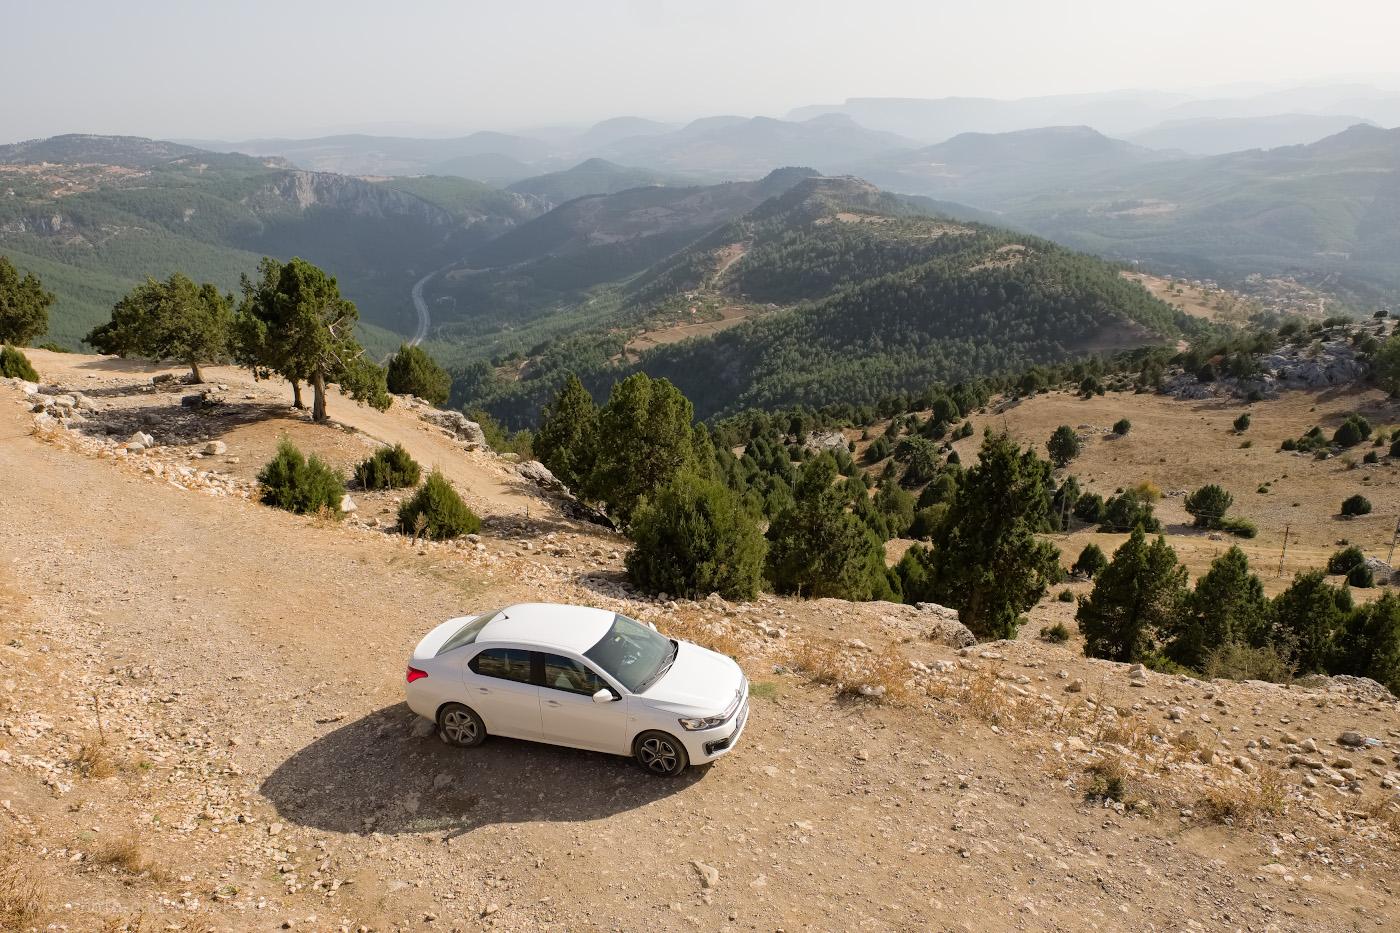 2. Эту машину мы взяли напрокат для путешествия вдоль восточной части Средиземноморского побережья Турции из Чиралы в Сиде, Анамур и Кызкалеси. Настройки фото: В=1/350 сек., f/8.0, ISO 200, поправка экспозиции -0.67EV, ФР=16 мм.